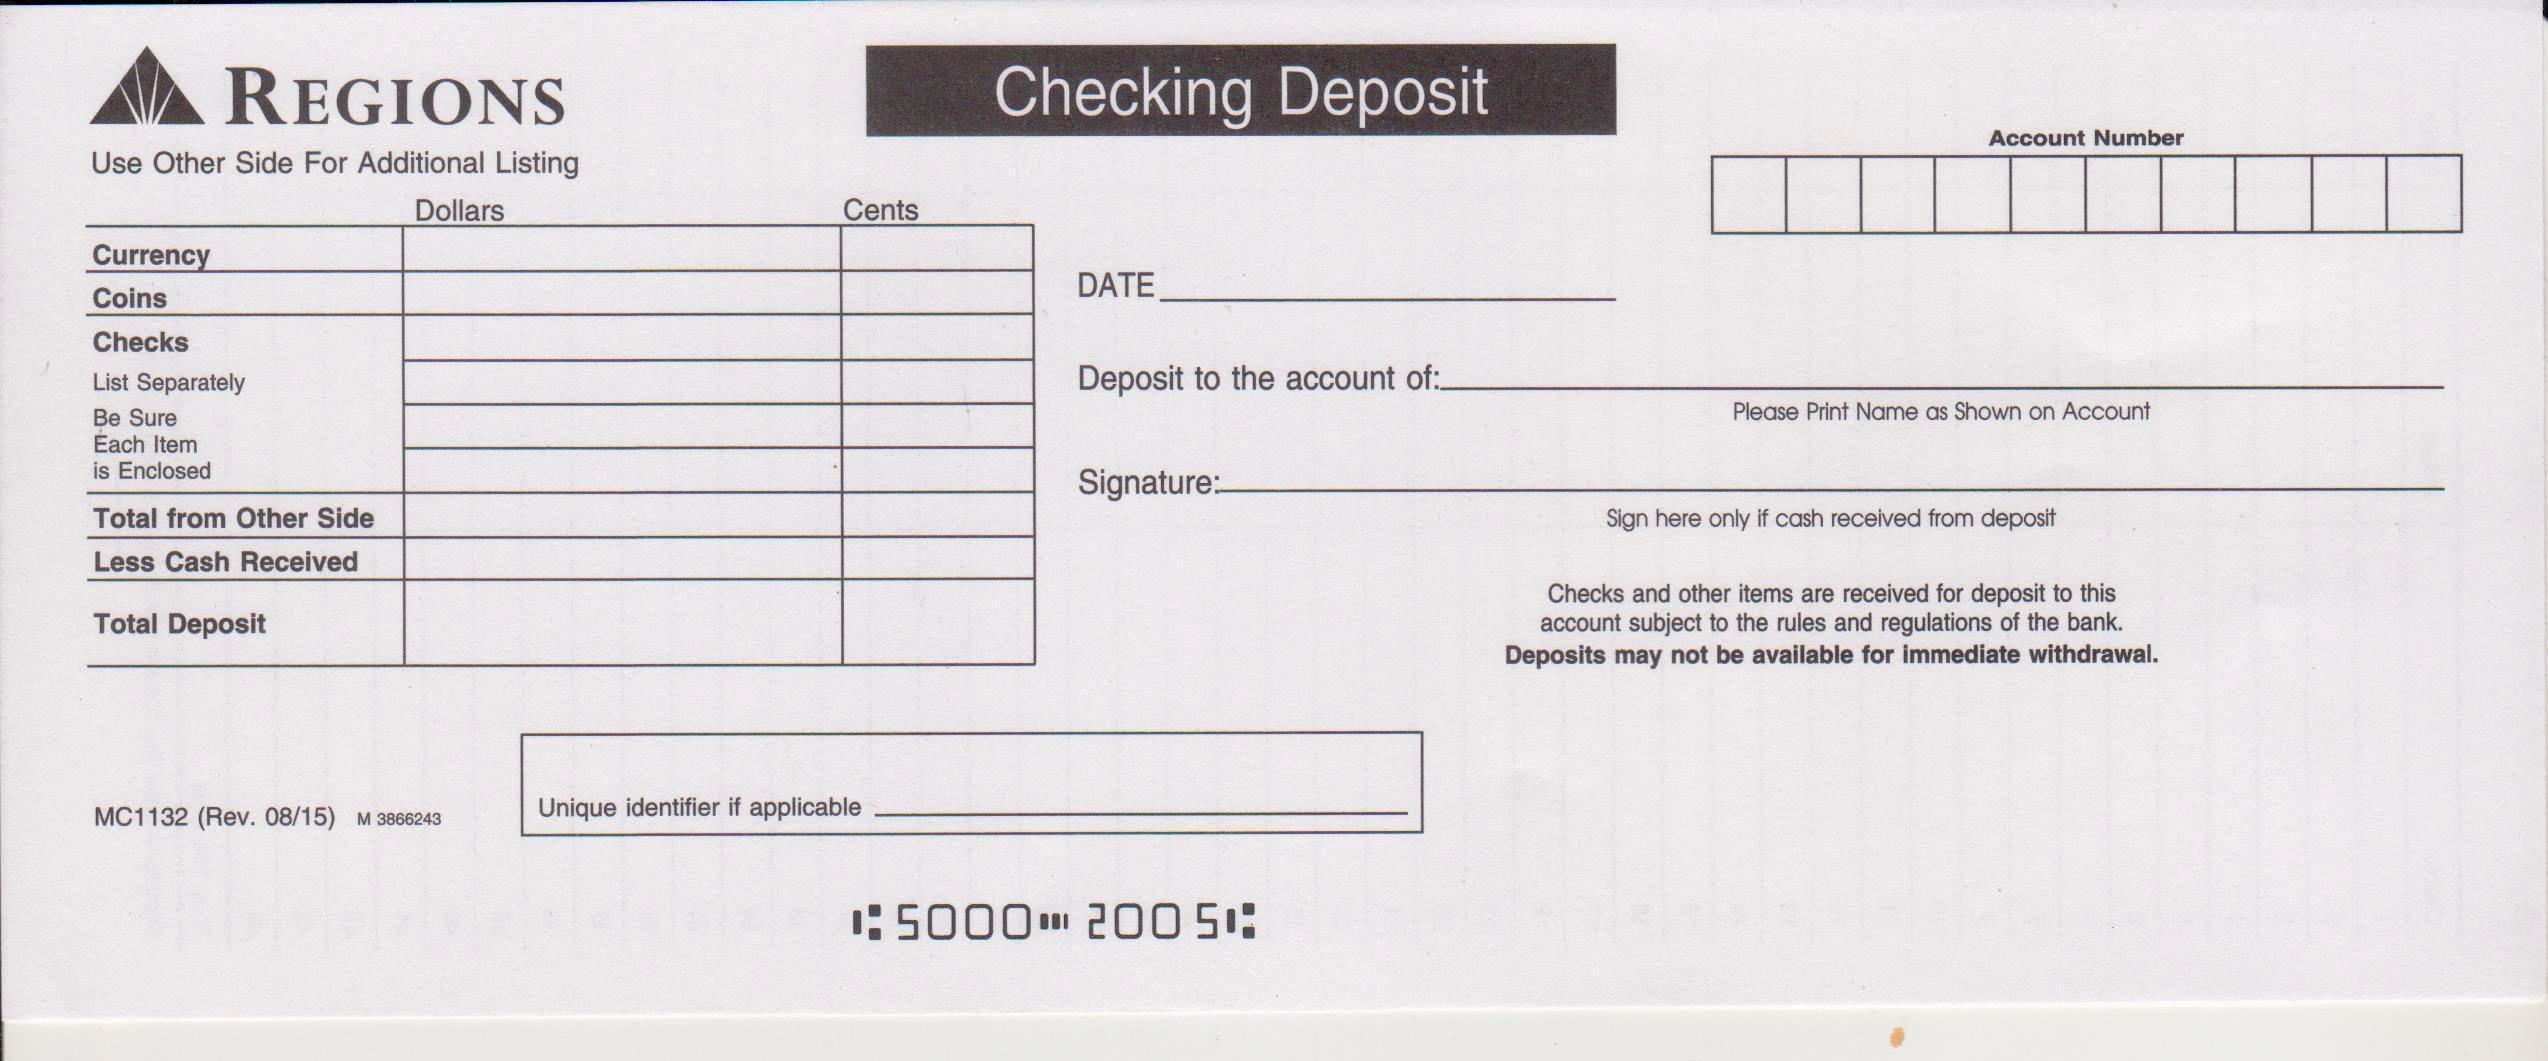 Regions Bank Deposit Slip Free Printable Template Checkdeposit Io